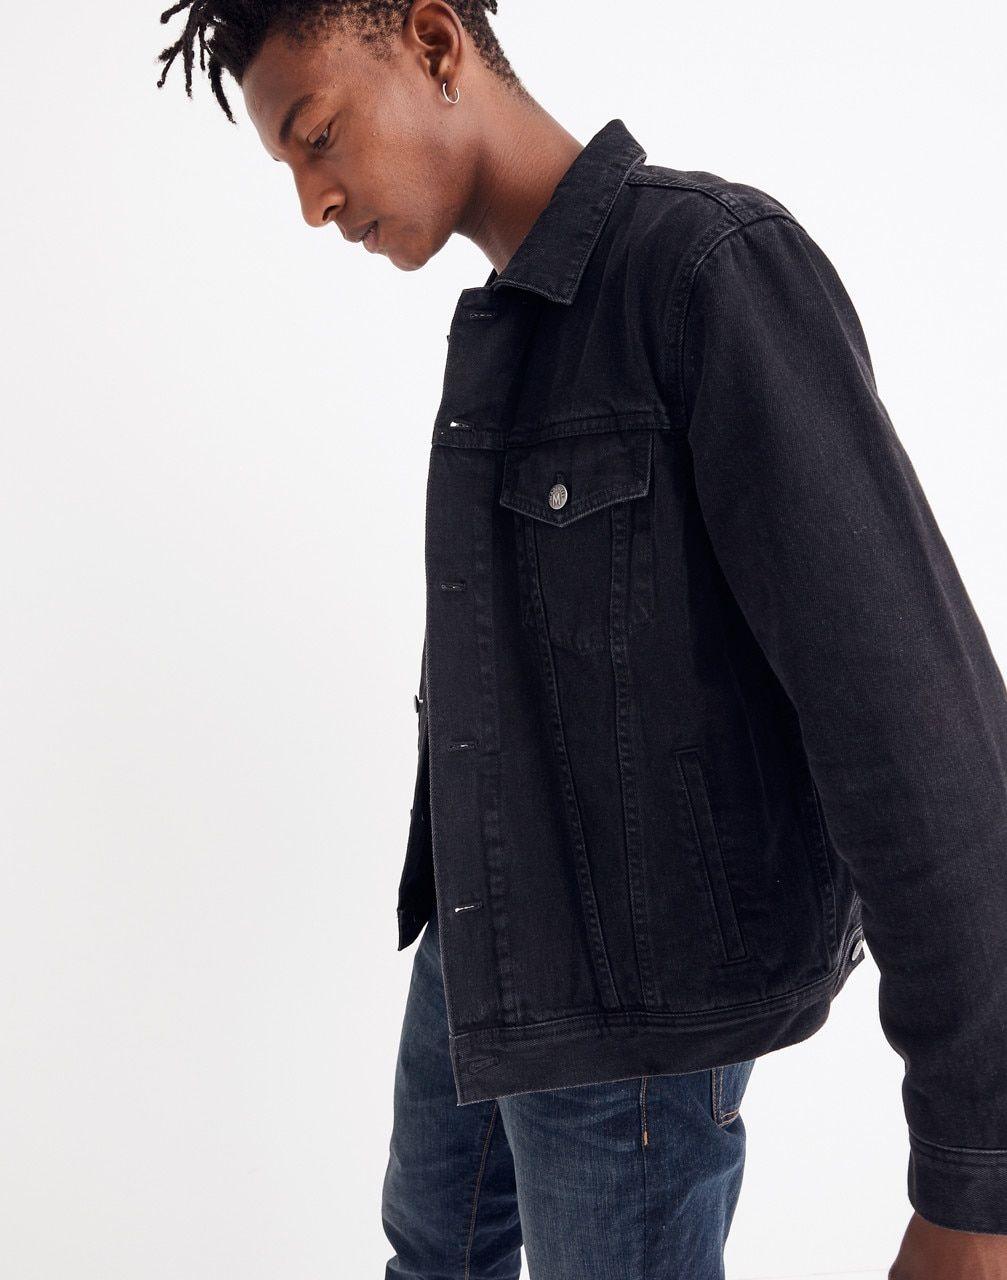 Women S Classic Jean Jacket In Black Denim Jacket Men Classic Jeans Denim Jacket [ 1280 x 1007 Pixel ]